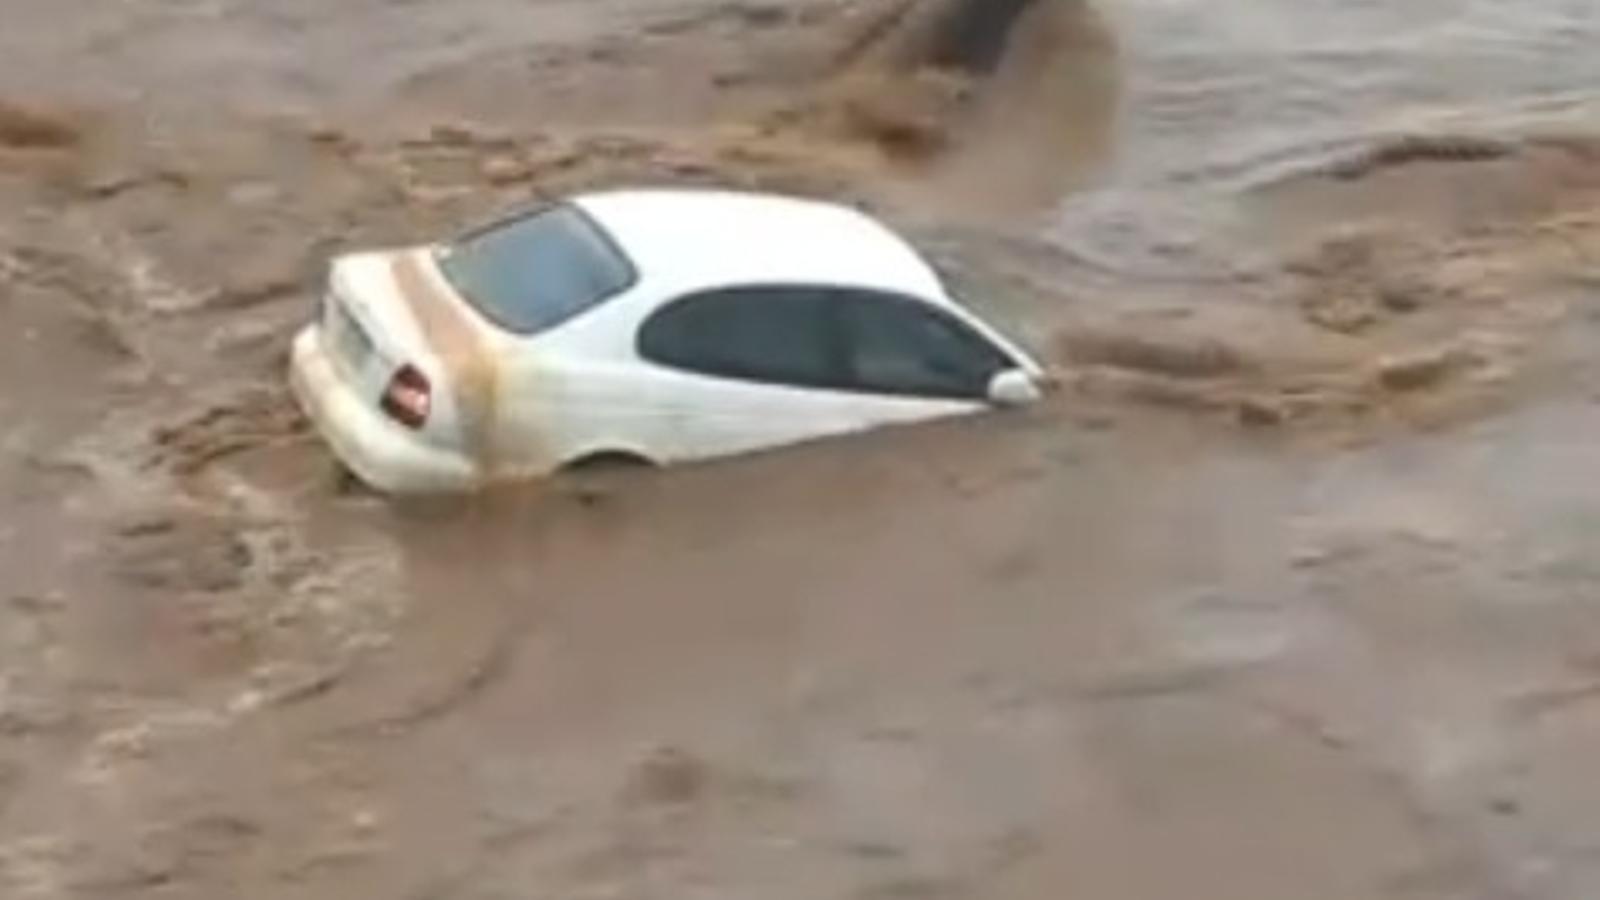 Les imatges més impactants de les inundacions de Queensland (Austràlia)